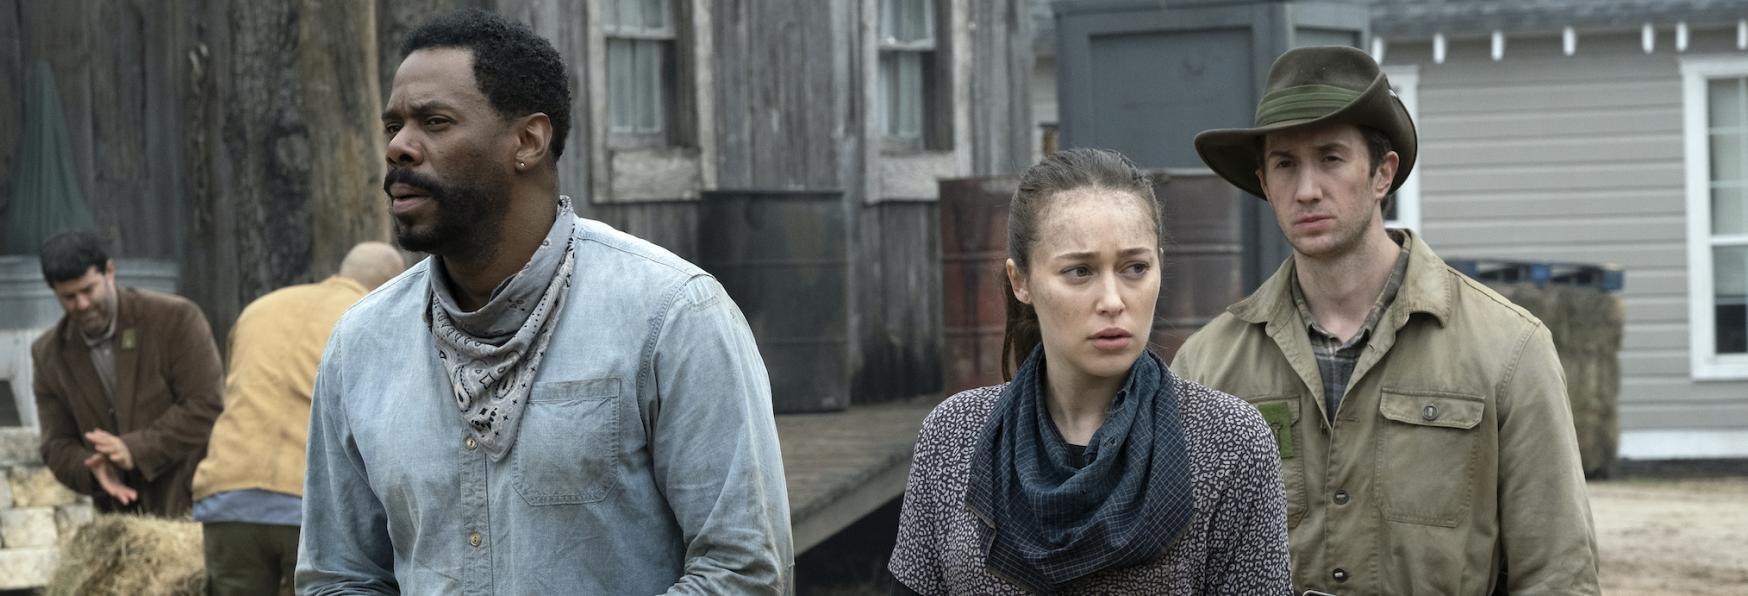 Fear the Walking Dead 7: Confermato un Ritorno nella Stagione Inedita